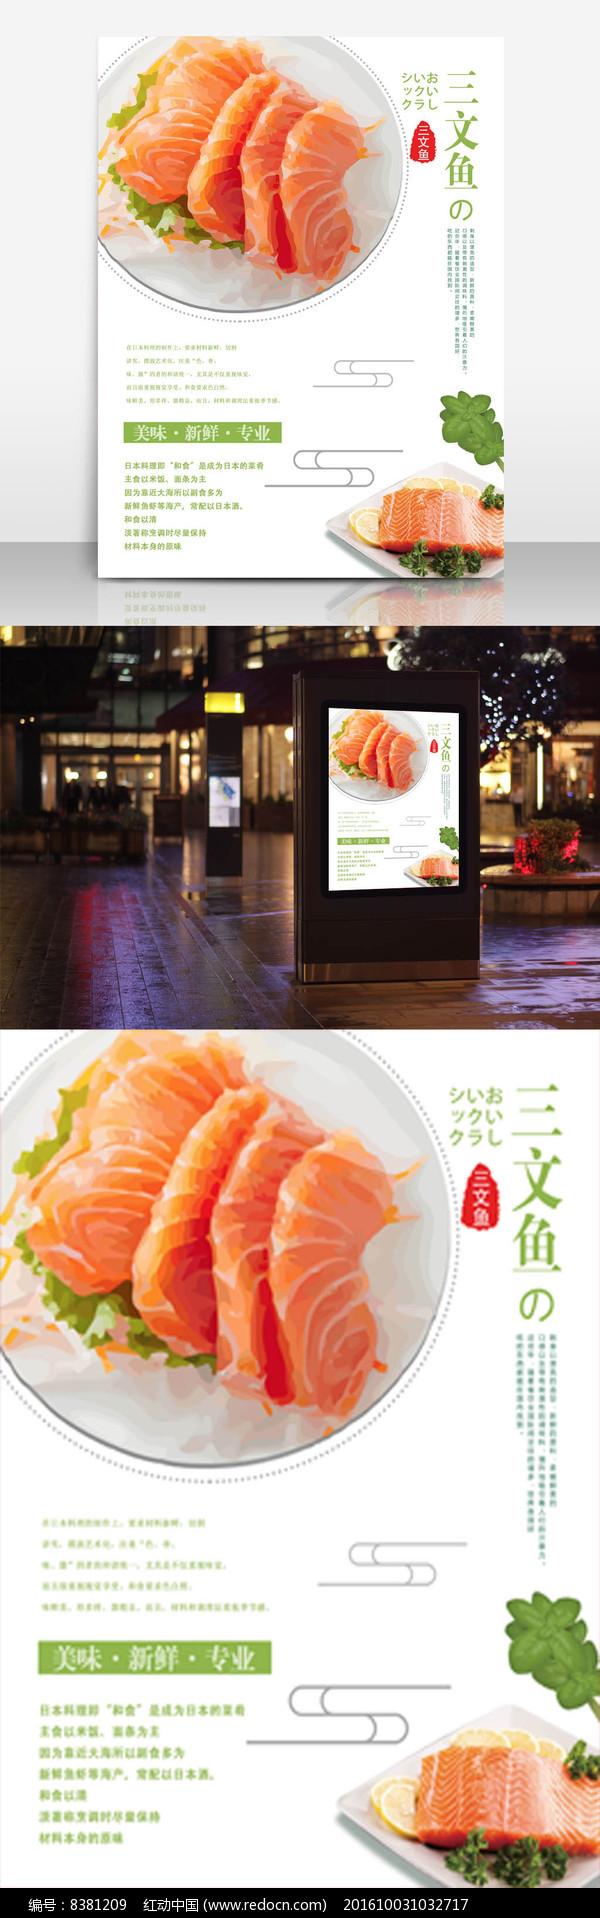 三文鱼美食海报设计图片